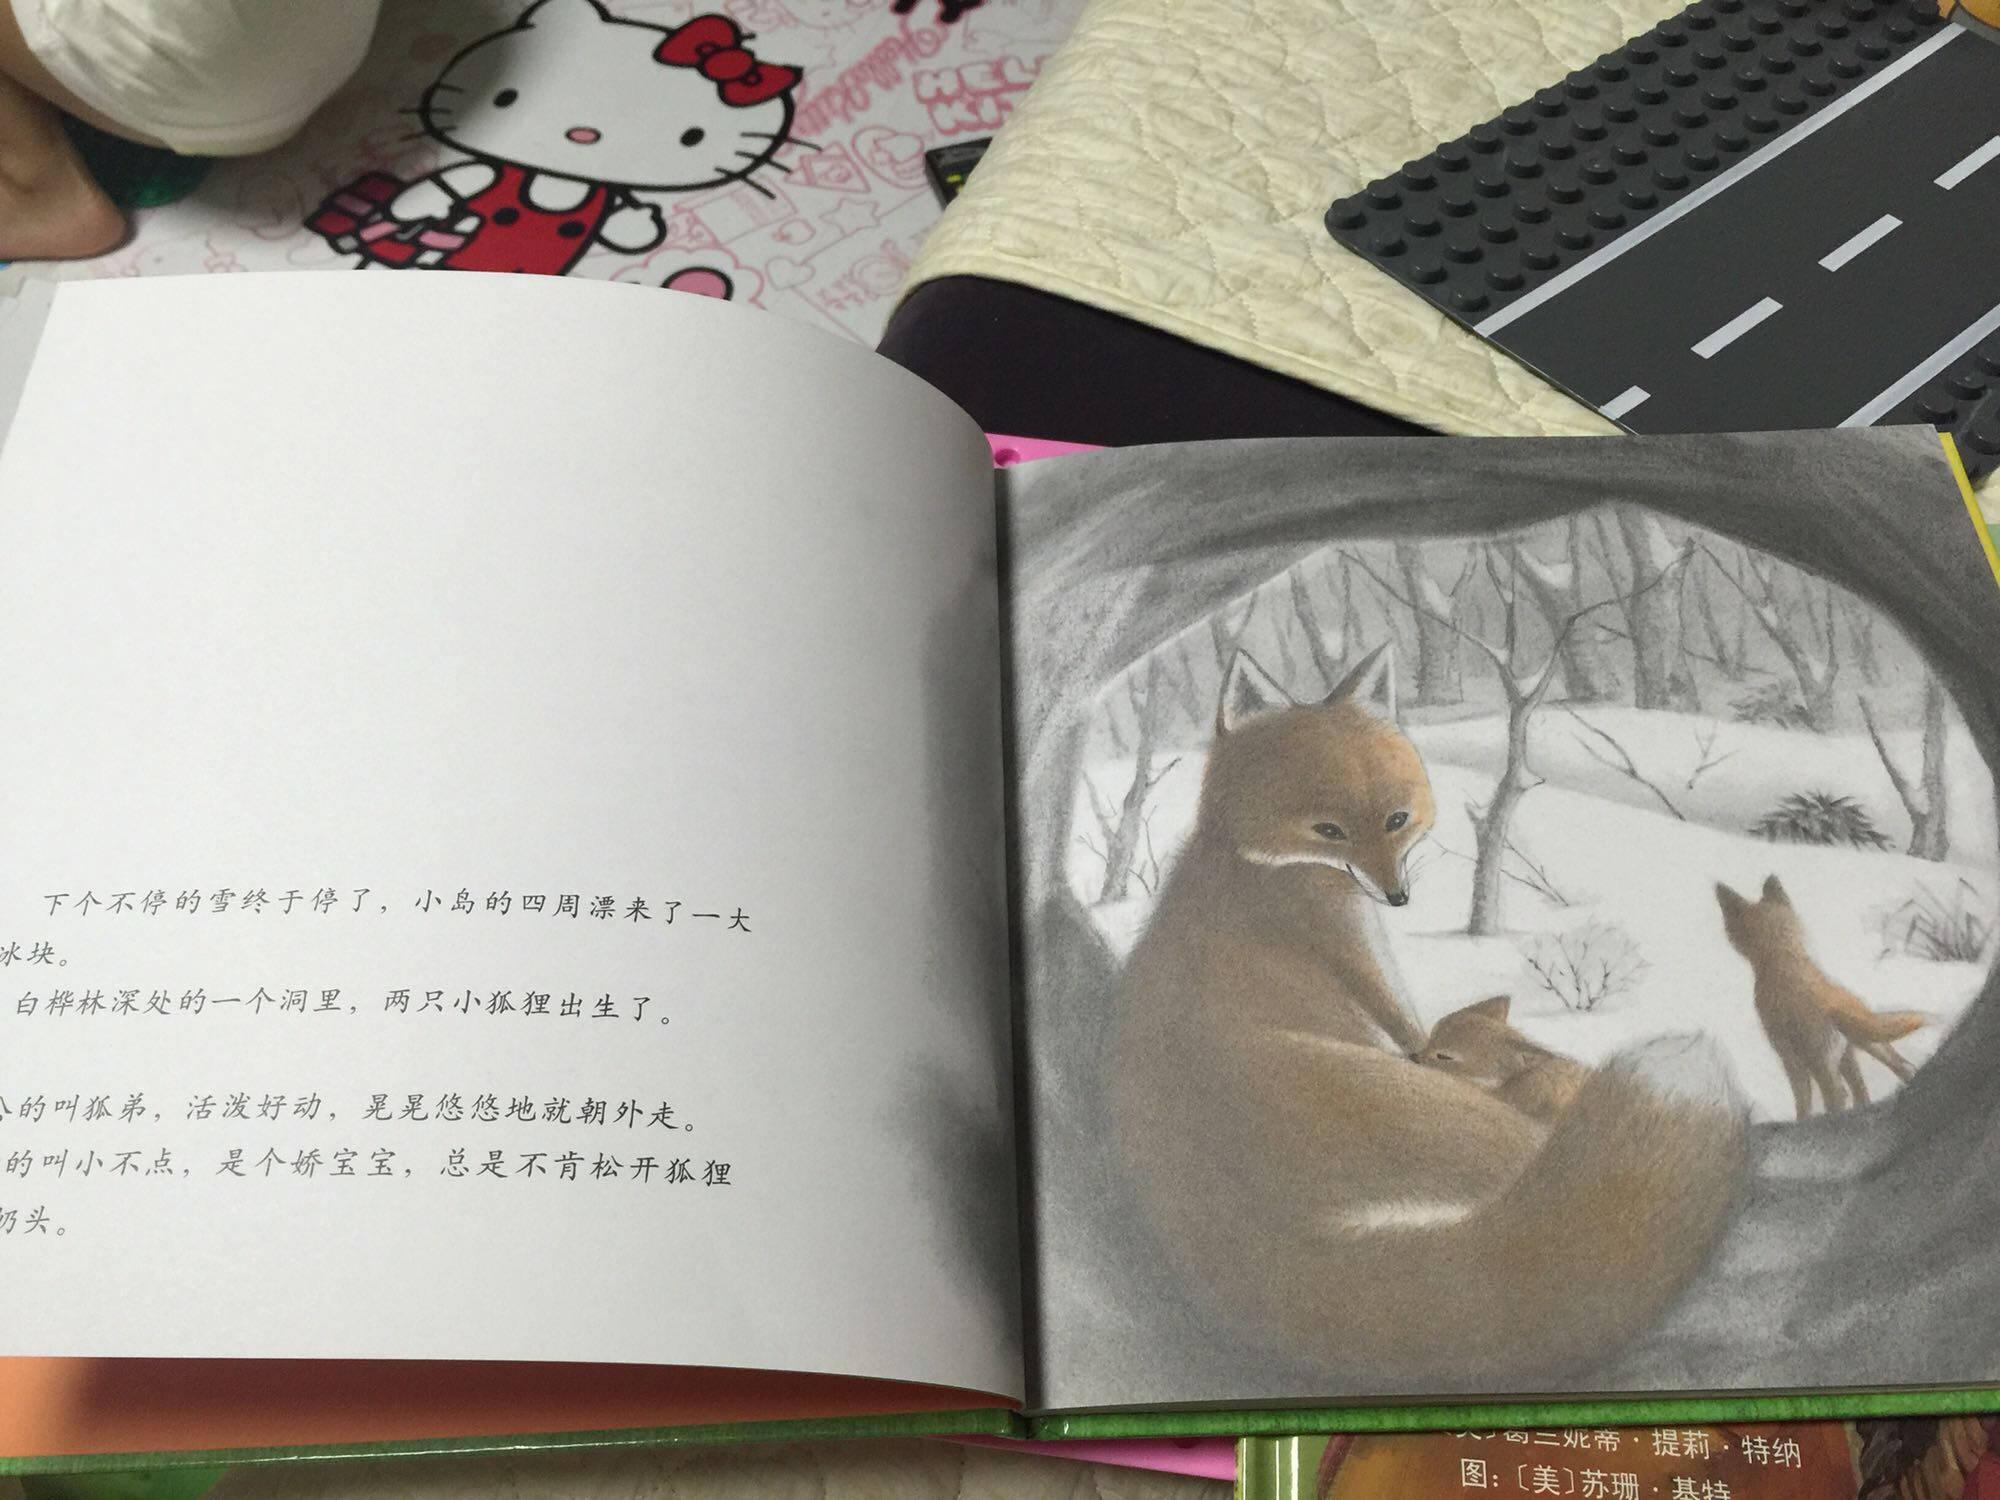 切洛努普的狐狸让人感到非常的伤感非常好的故事让人反思战争的残酷珍惜和平3-6岁(启发出品)